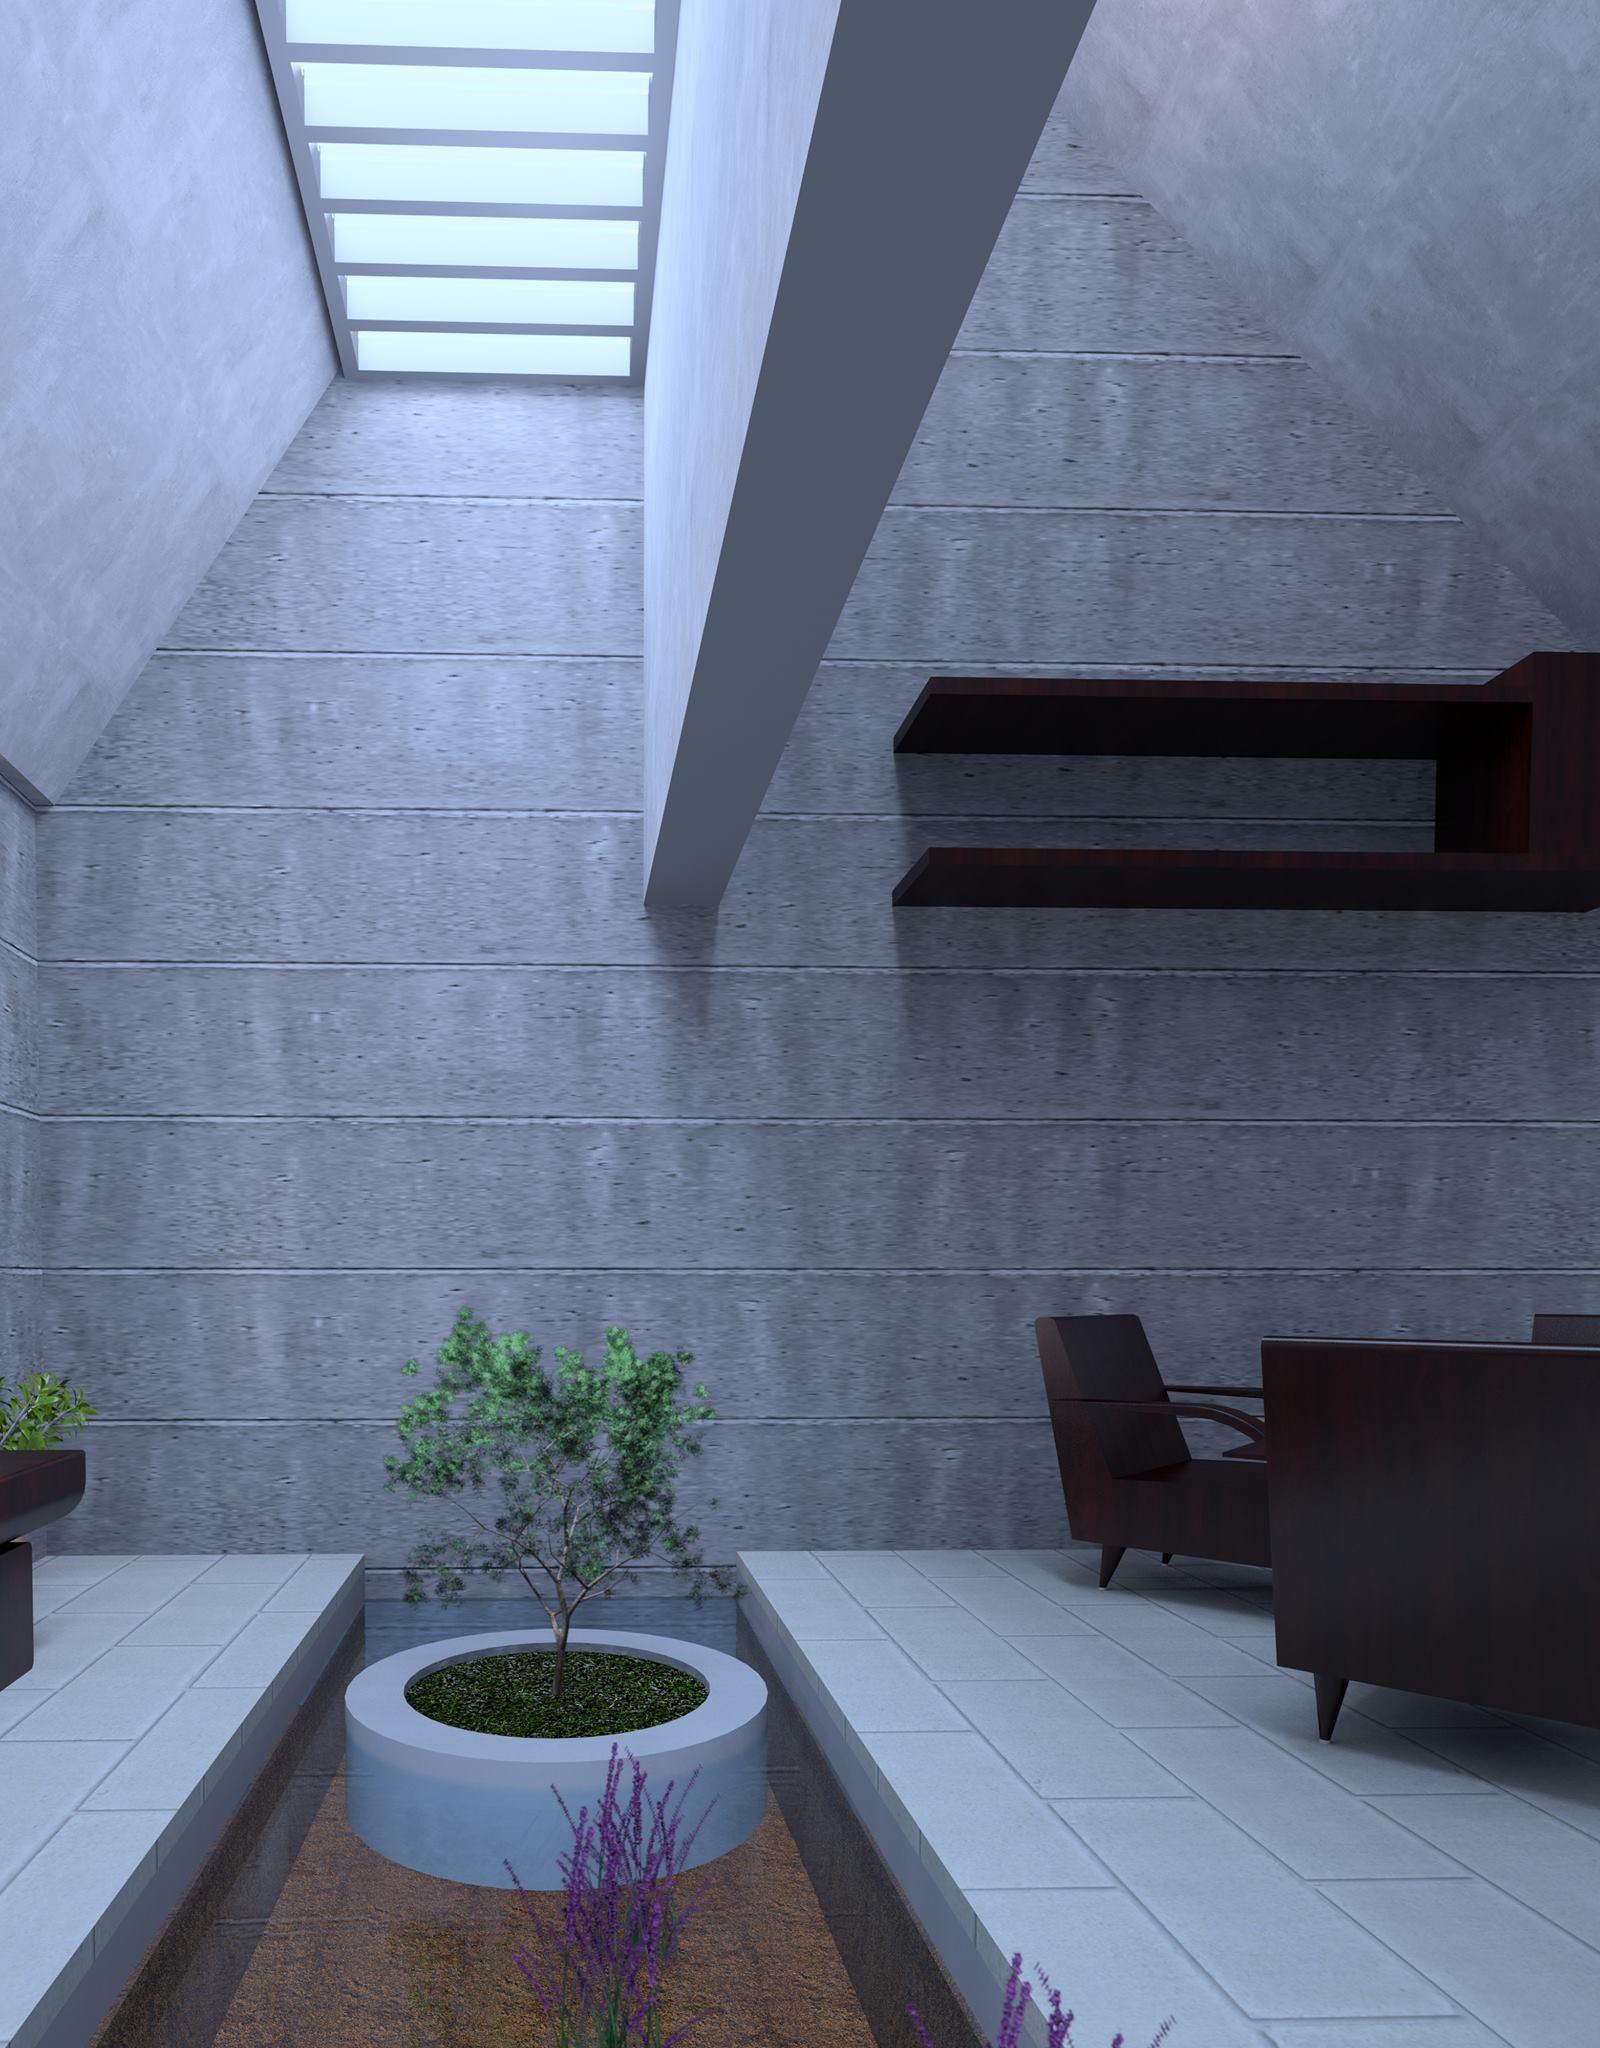 Gratis billeder : hus, etage, hjem, ejendom, flise, møbel, værelse ...